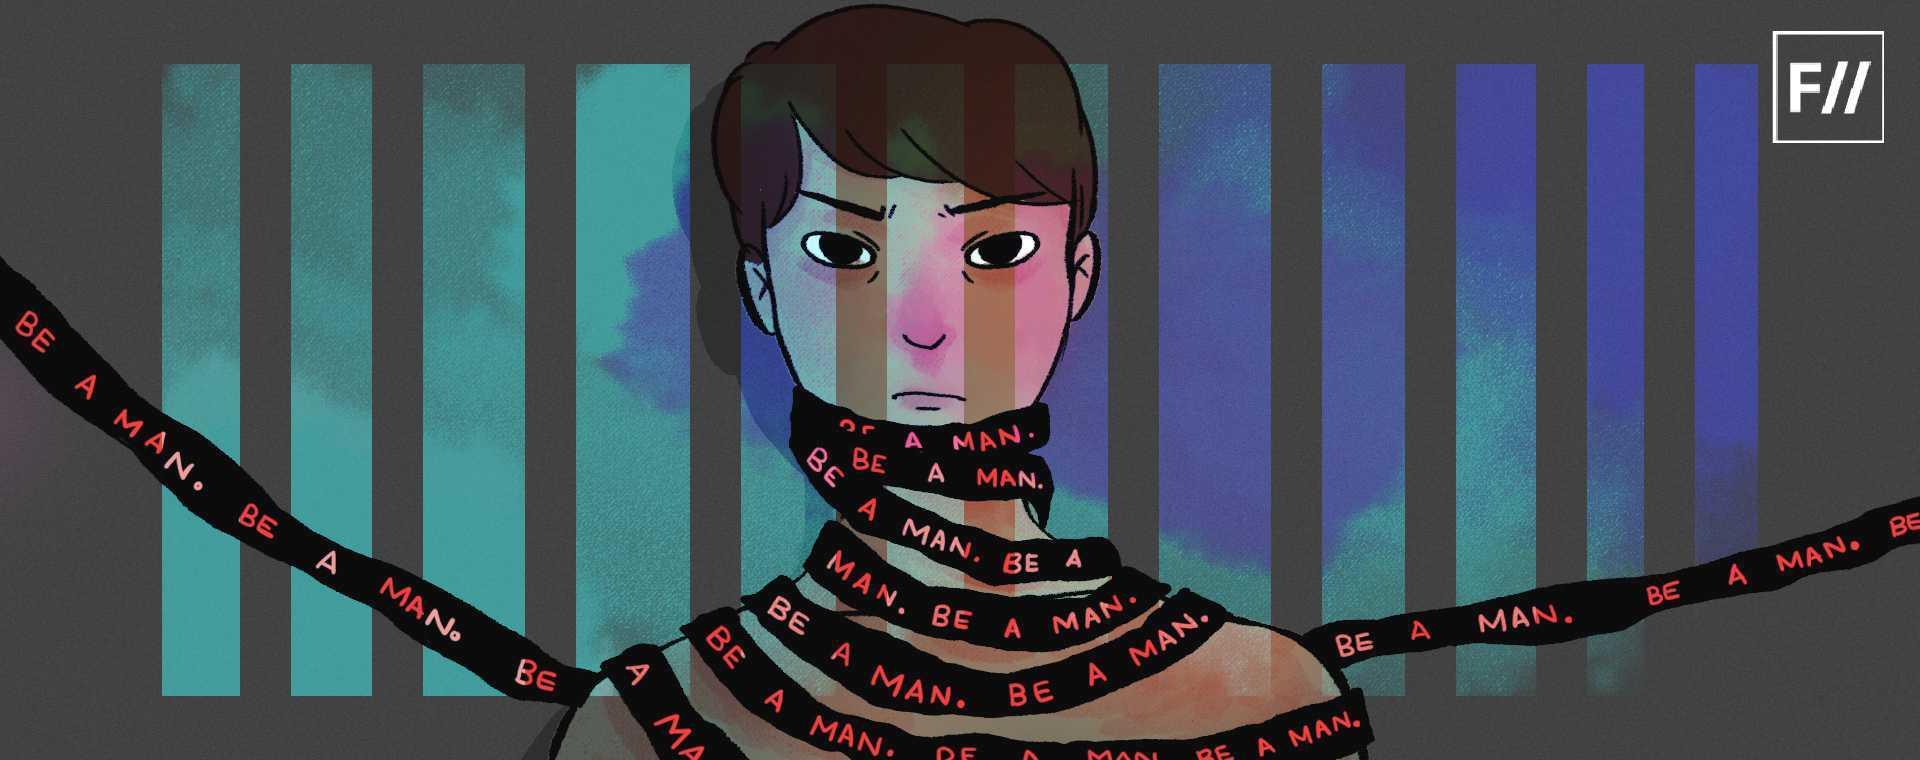 पितृसत्ता के शिकार होते पुरुषों को अनचाहे पुरुषत्व को है नकारने की है ज़रूरत